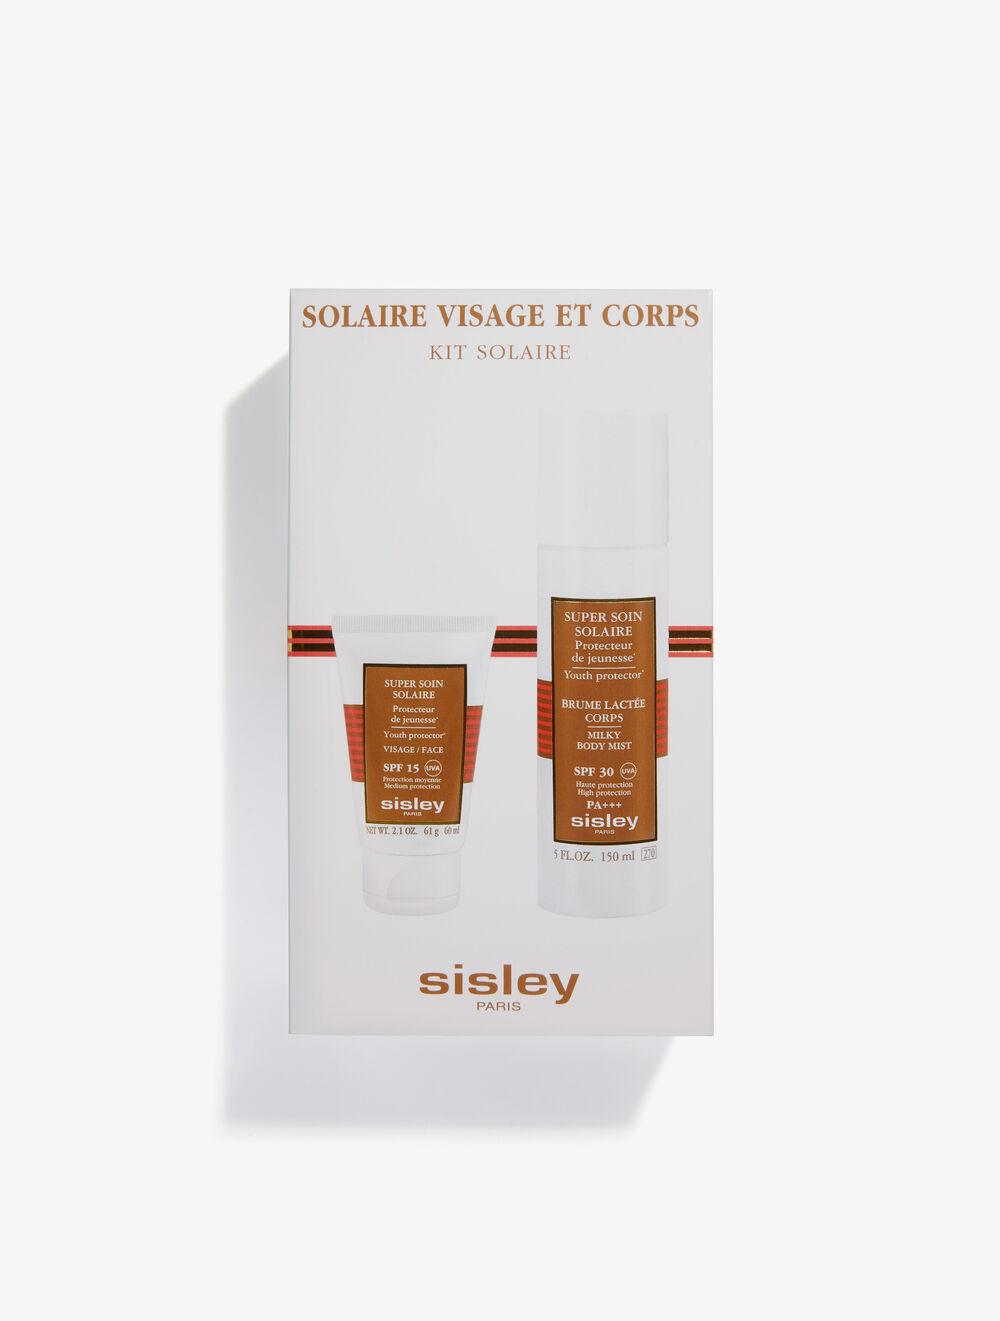 Kit Solaire Visage et Corps